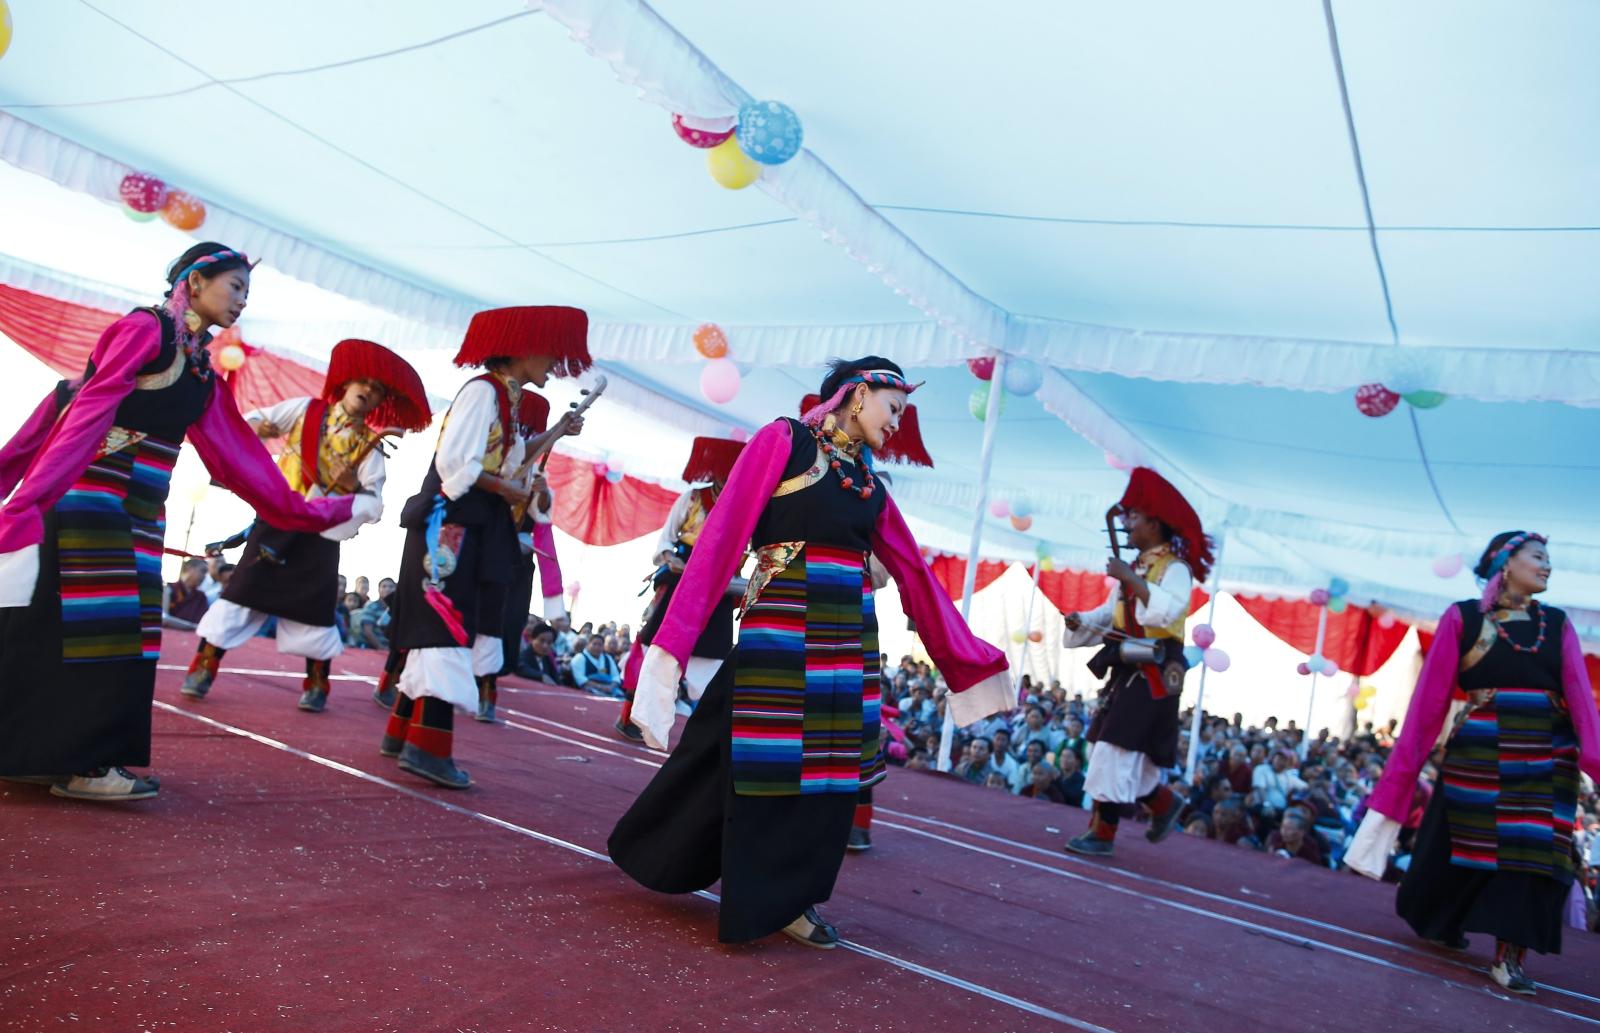 Obchody 82. urodzin Dalajlamy w Nepalu. Fot. EPA/NARENDRA SHRESTHA Dostawca: PAP/EPA.